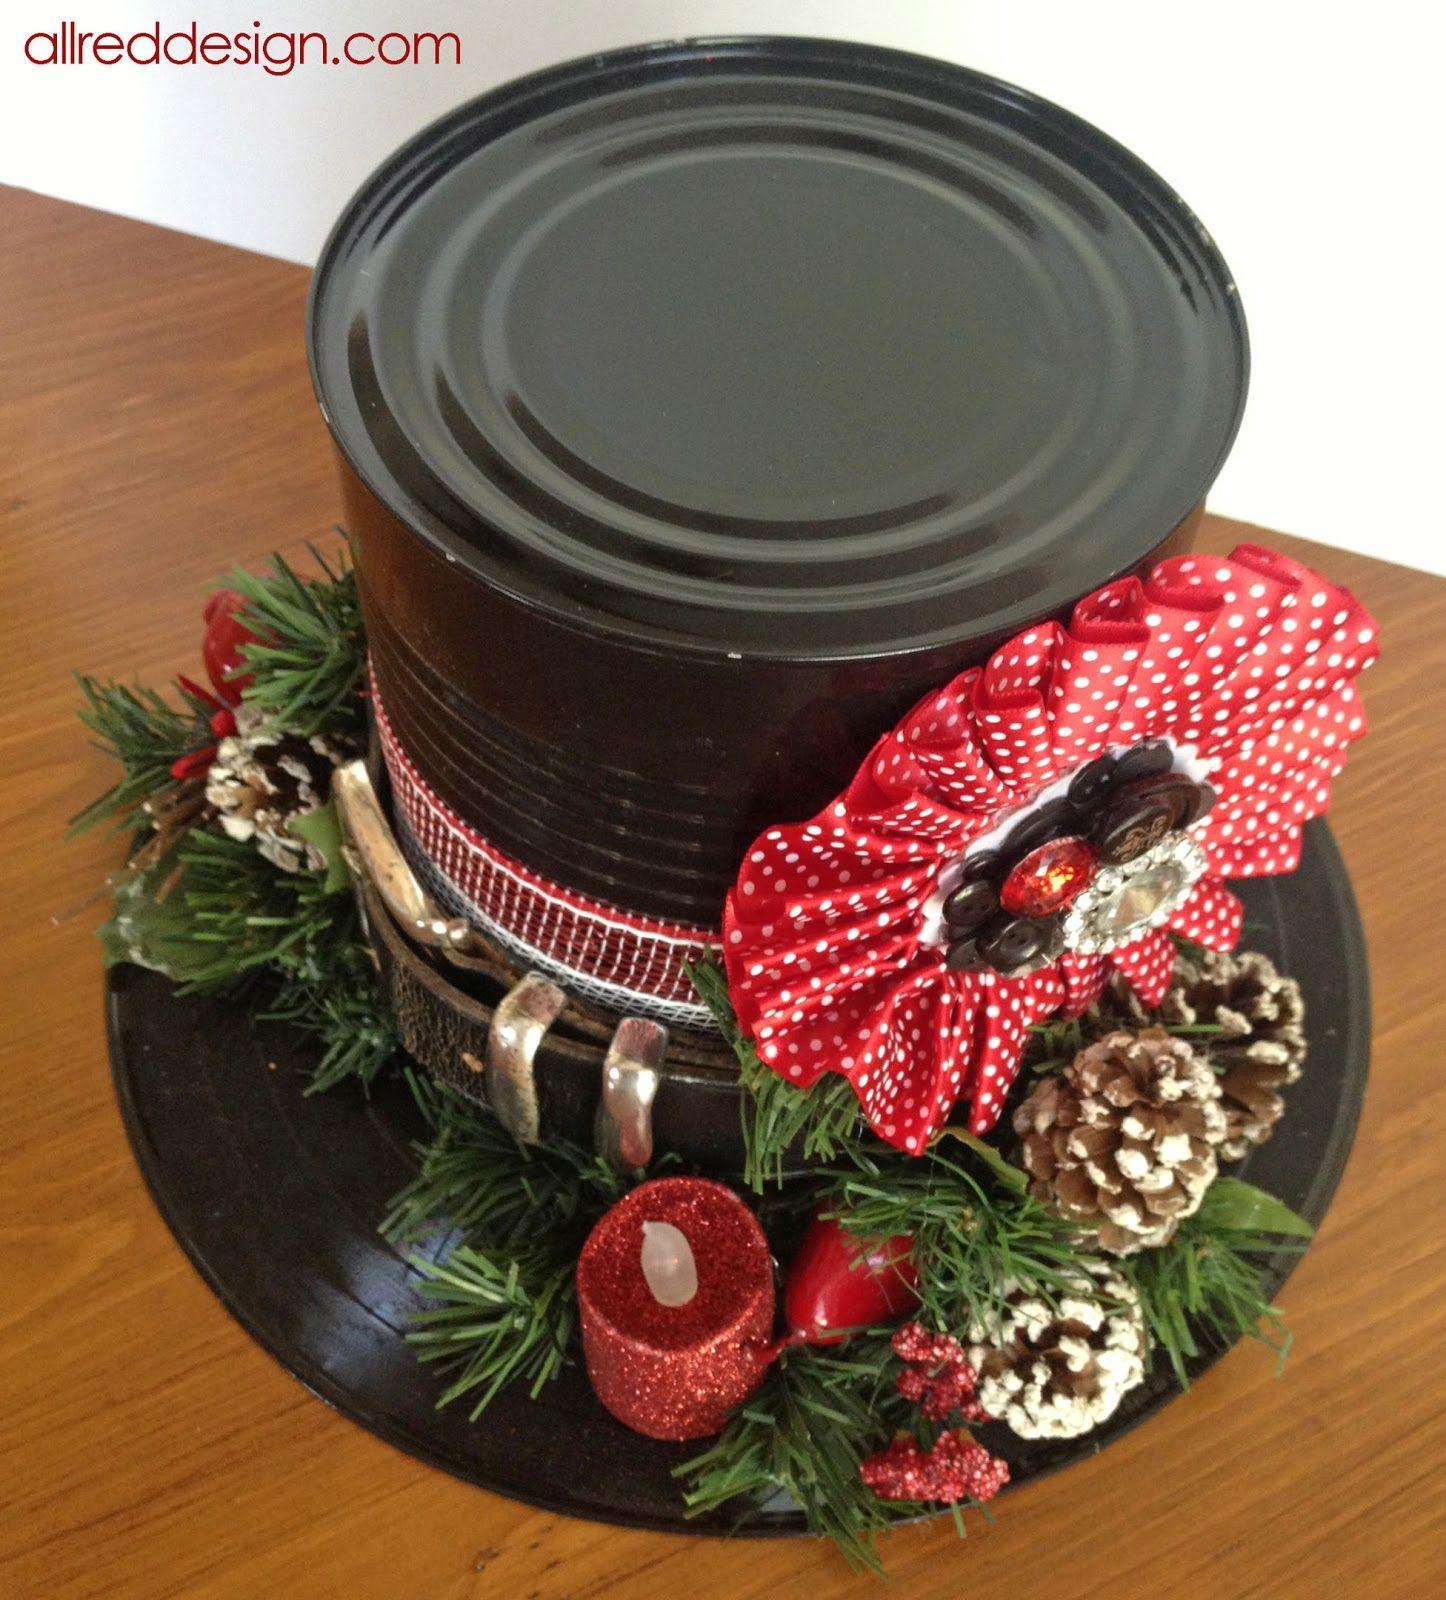 chapeau avec boite conserve et disque vinyle no l pinterest vinyles chapeaux et bo tes caf. Black Bedroom Furniture Sets. Home Design Ideas